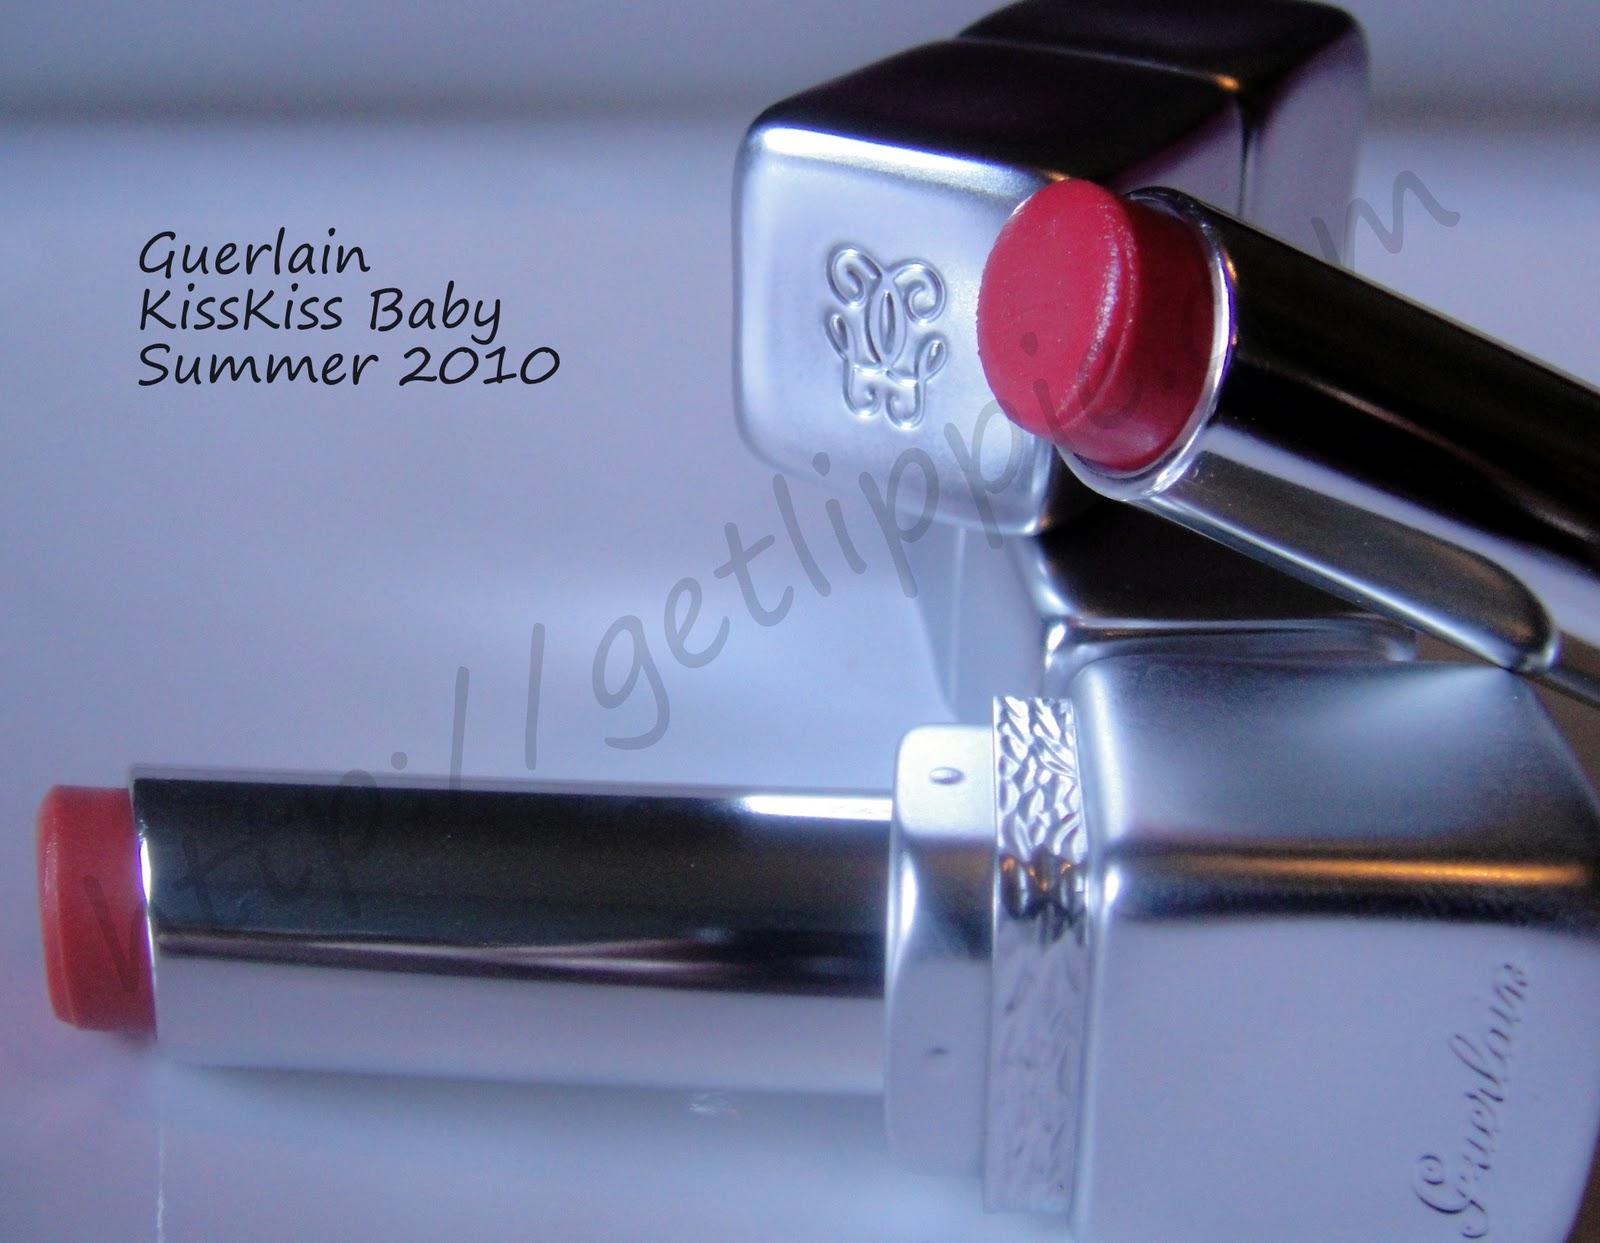 http://1.bp.blogspot.com/_bHpBbKBNYsk/S8mX6fRX3uI/AAAAAAAABgE/698mKARB-is/s1600/Guerlain+KissKiss+Baby+242+262.jpg